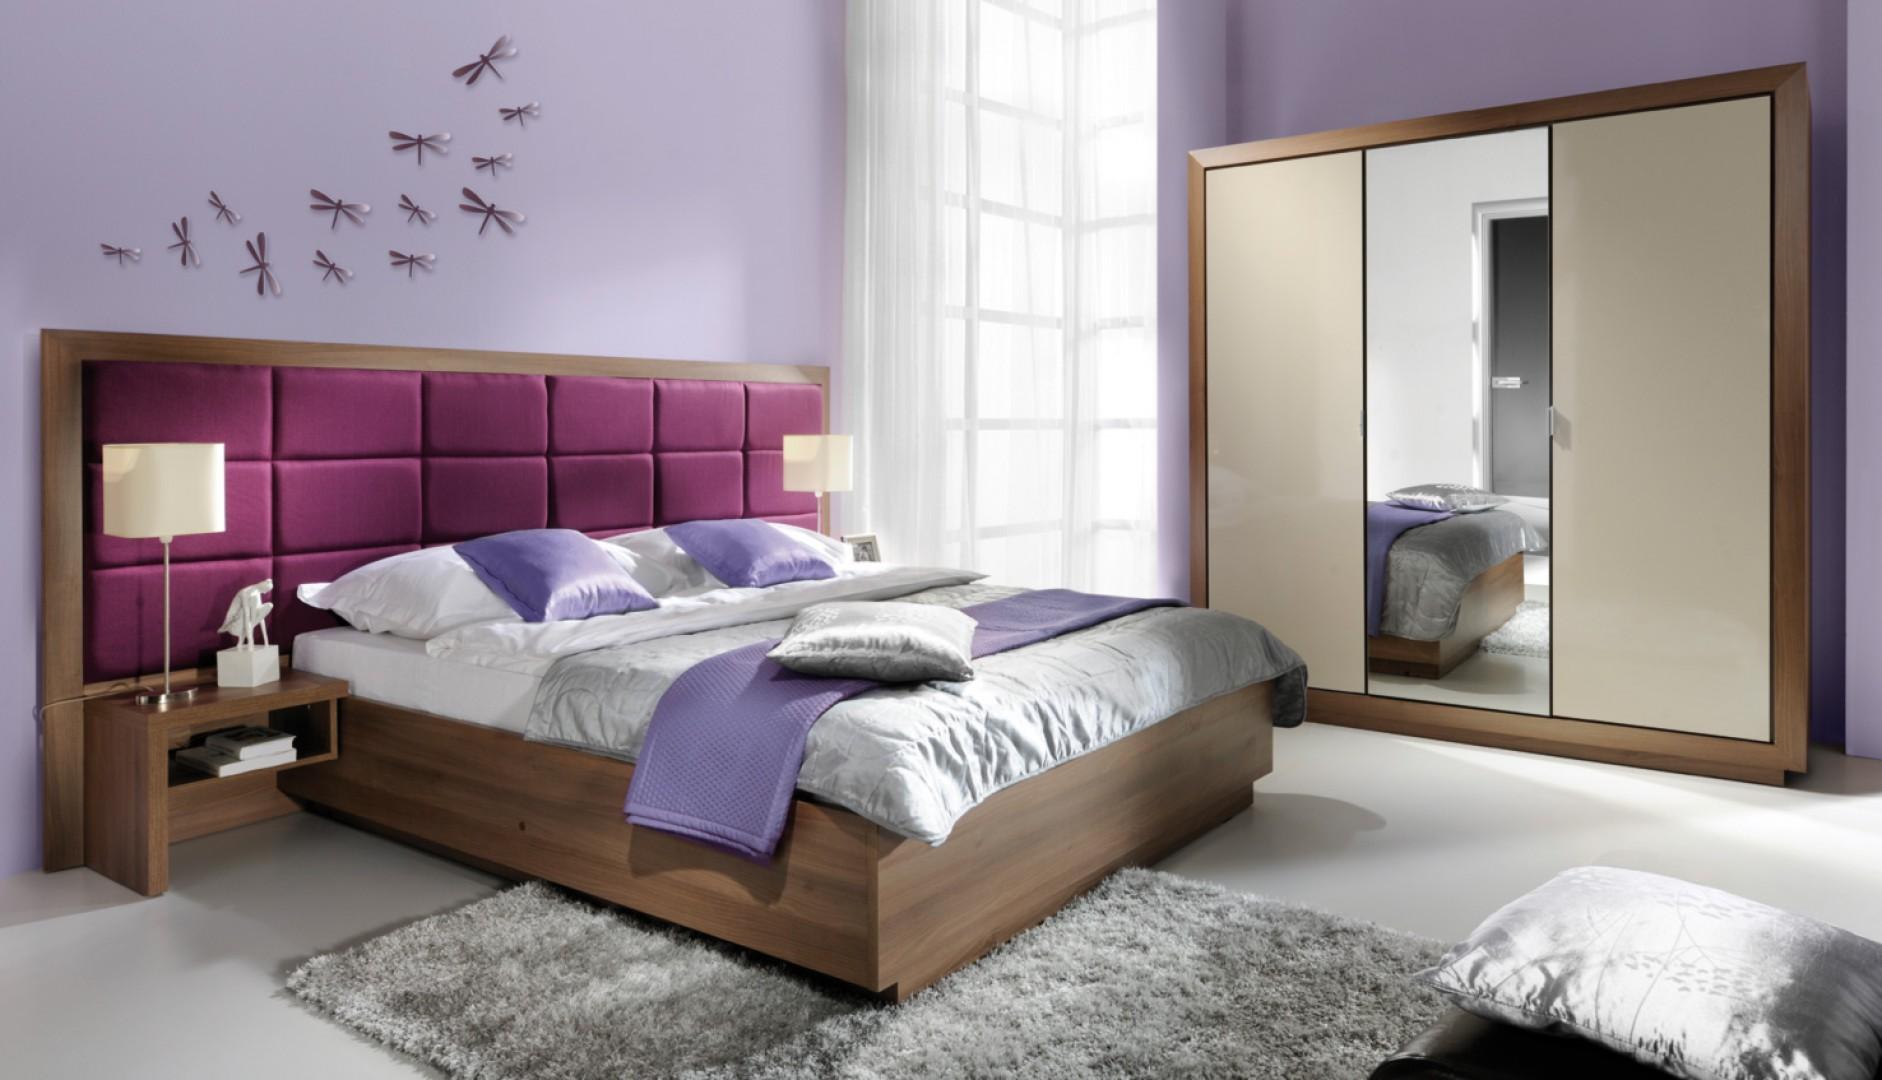 Łóżko Juliet. Fot. Wajnert